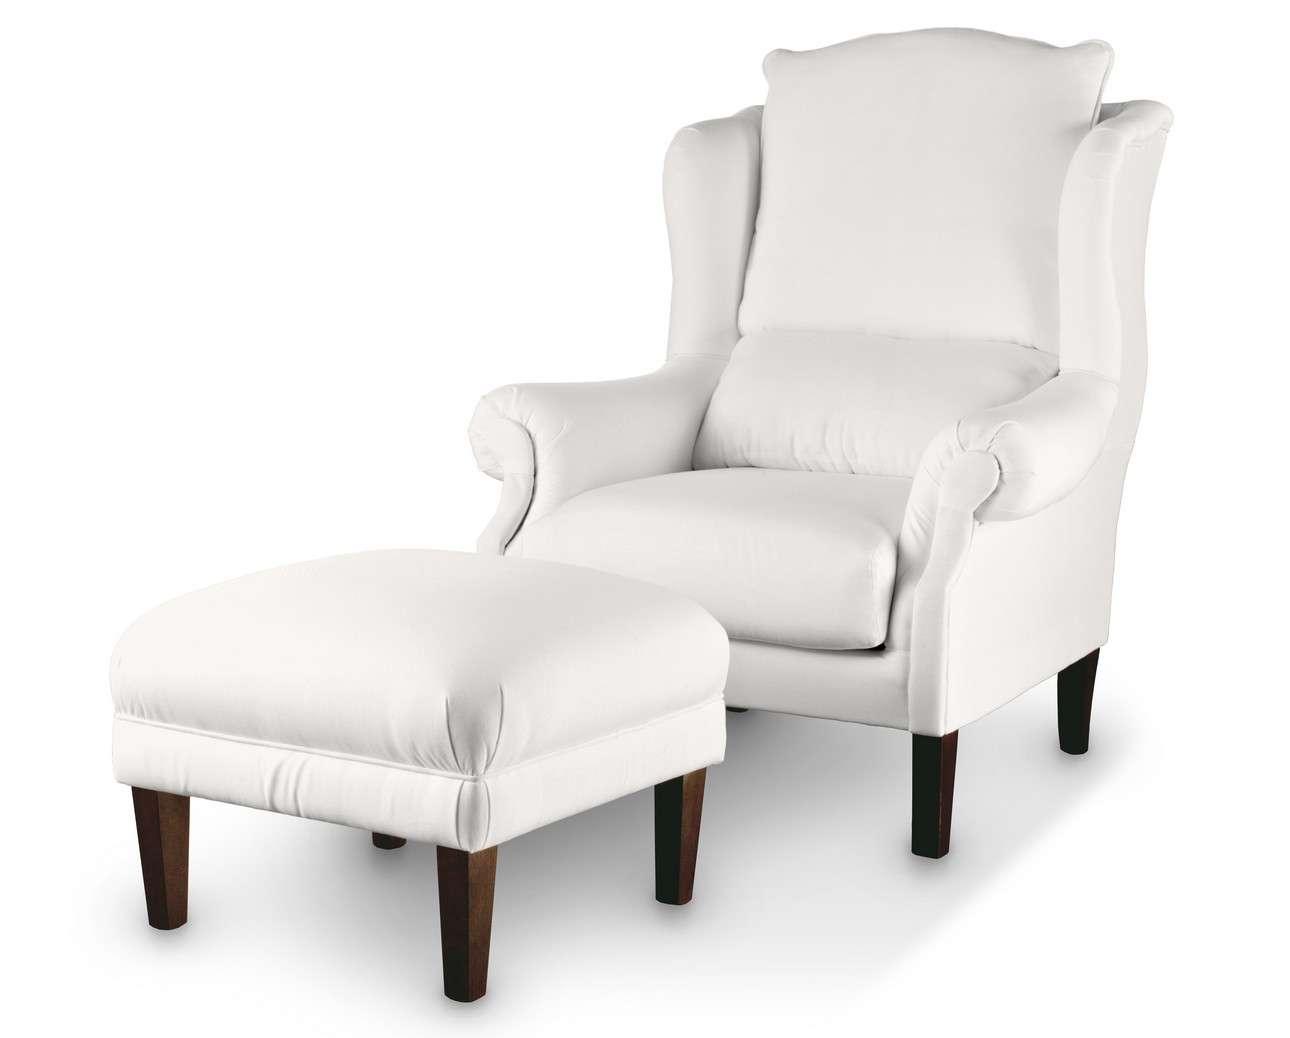 Podnóżek do fotela 56x56x40 cm w kolekcji Cotton Panama, tkanina: 702-34